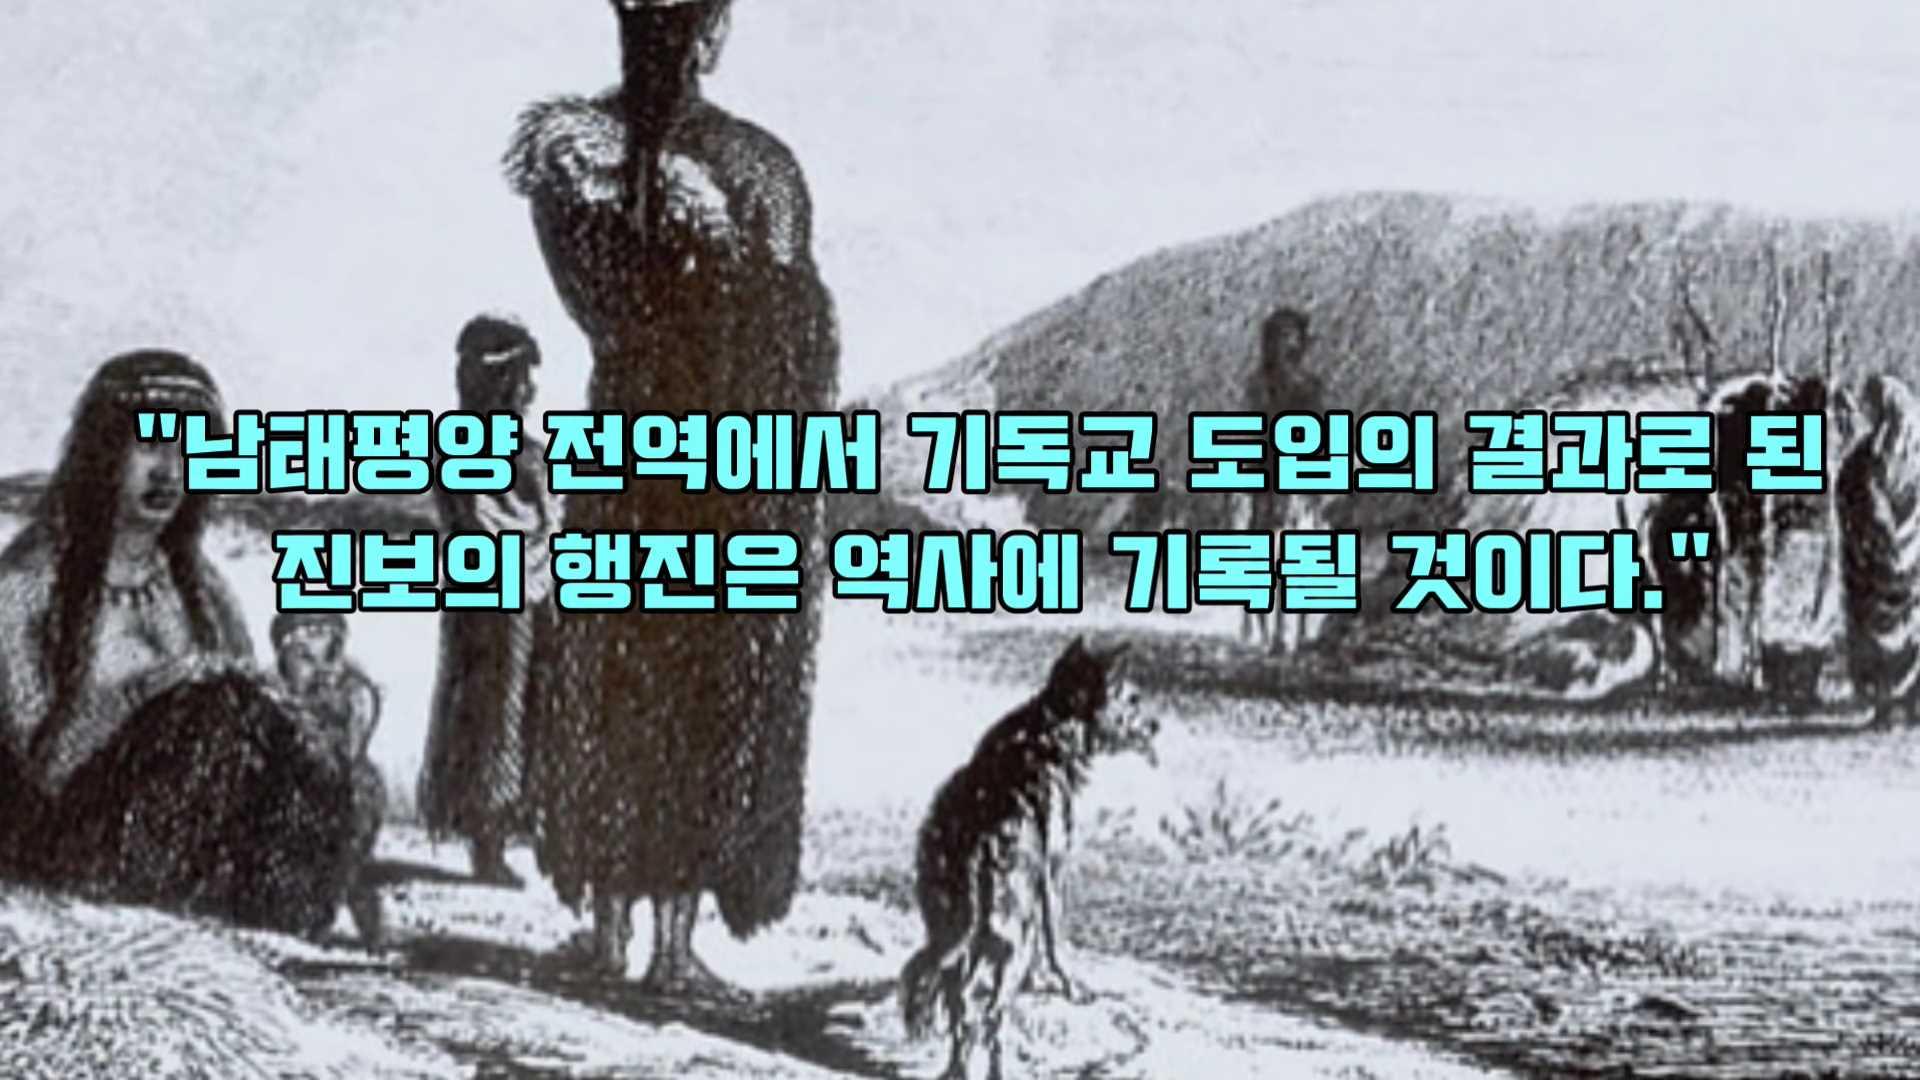 찰스 다윈의 인생과 그의 정신병.mp4_000065581.jpg